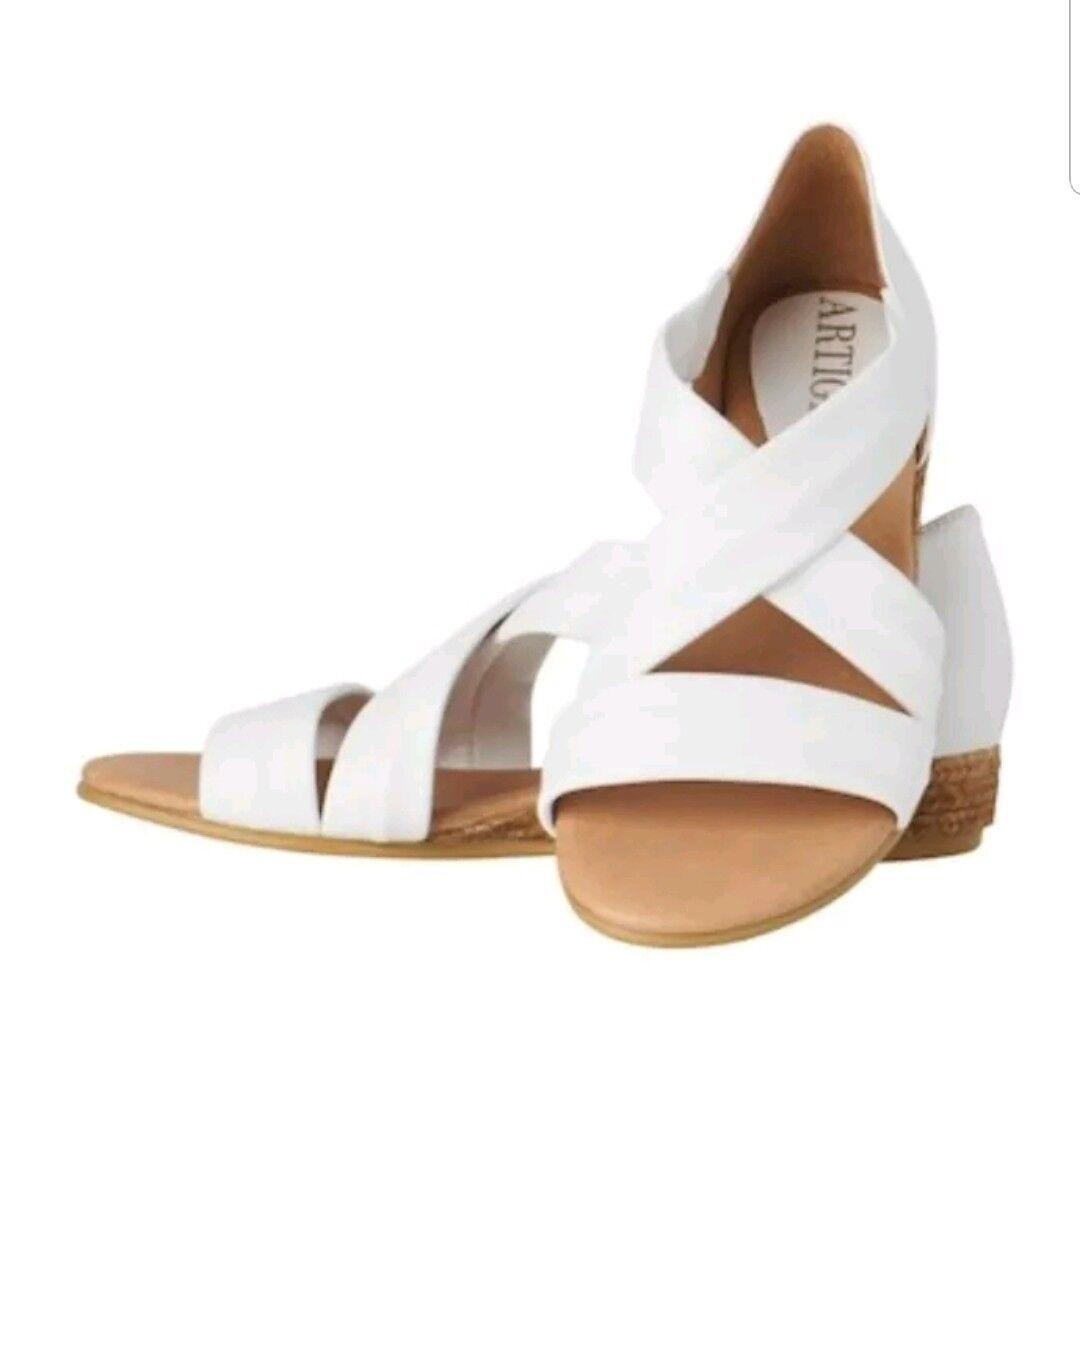 BRS Artigiano White Sandals Size EU 37     603734